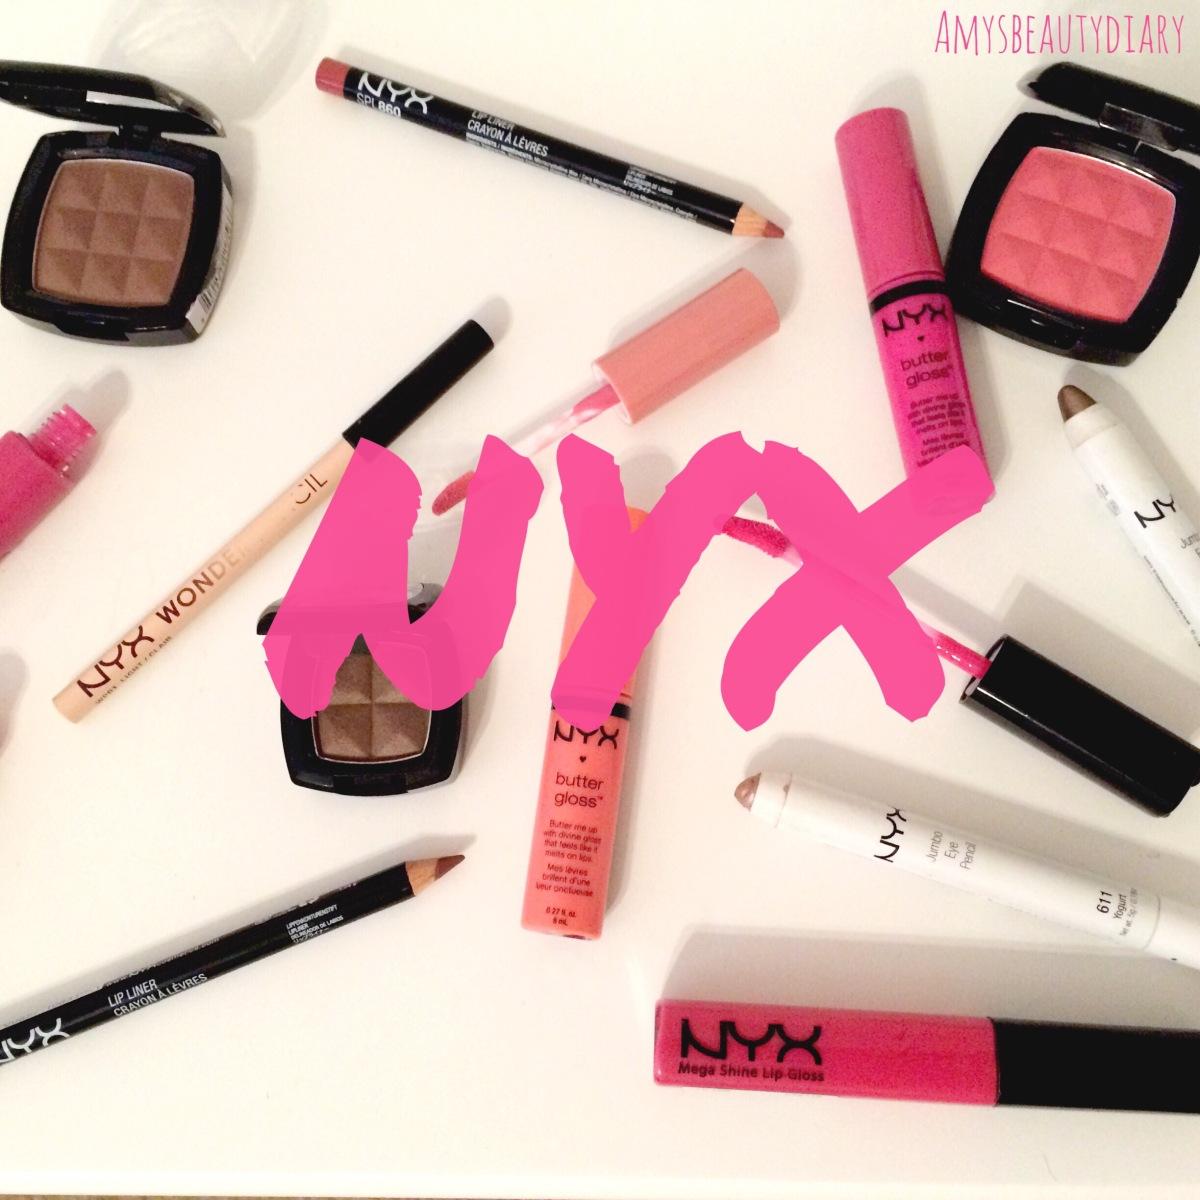 Brand Focus: NYX